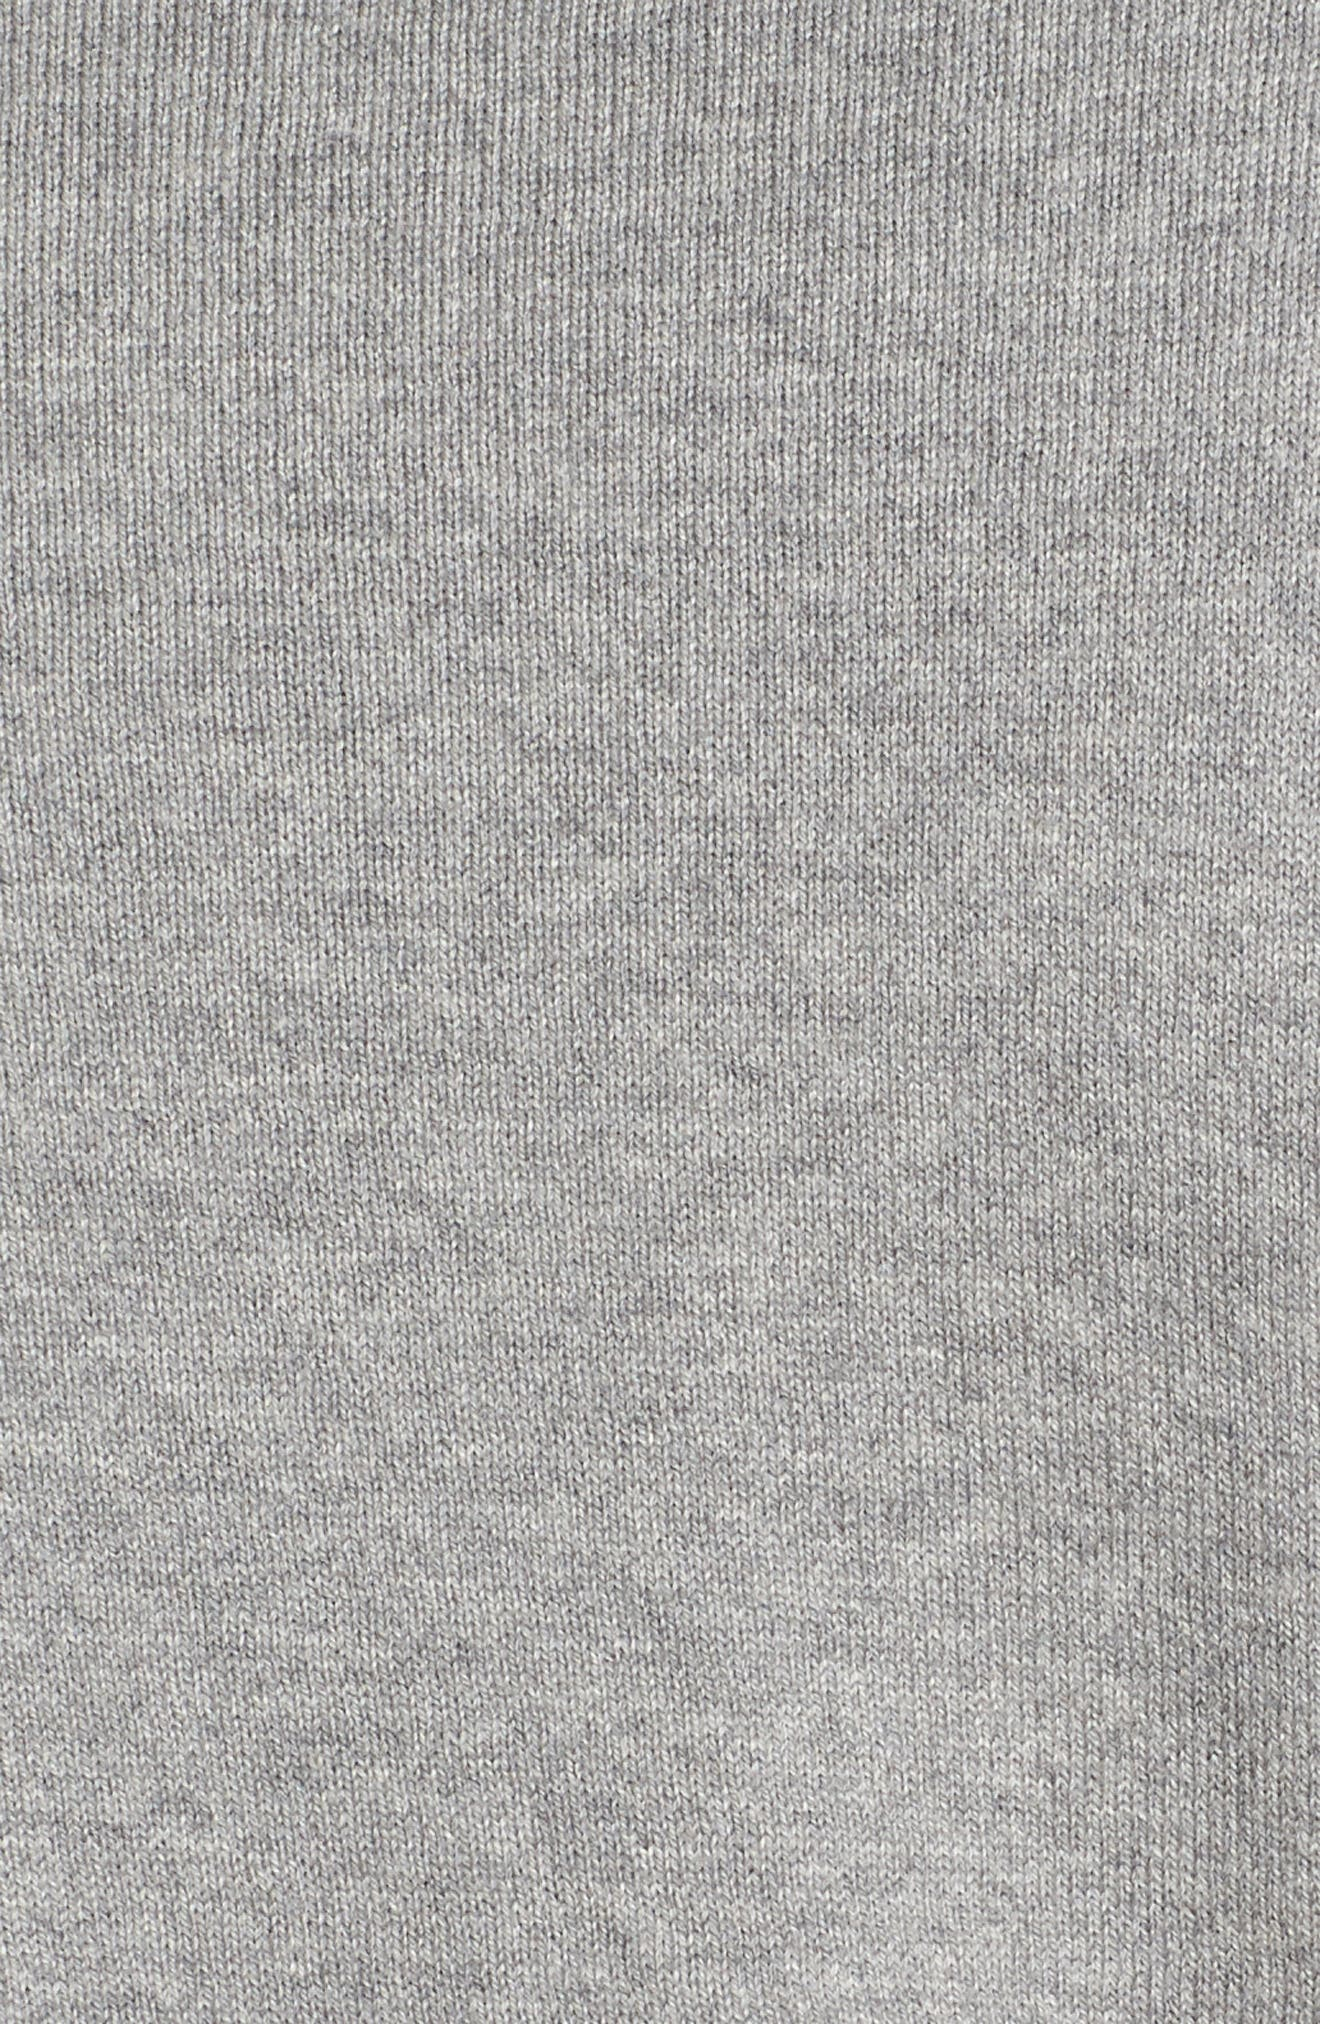 Saddle Shoulder Cotton & Cashmere V-Neck Sweater,                             Alternate thumbnail 36, color,